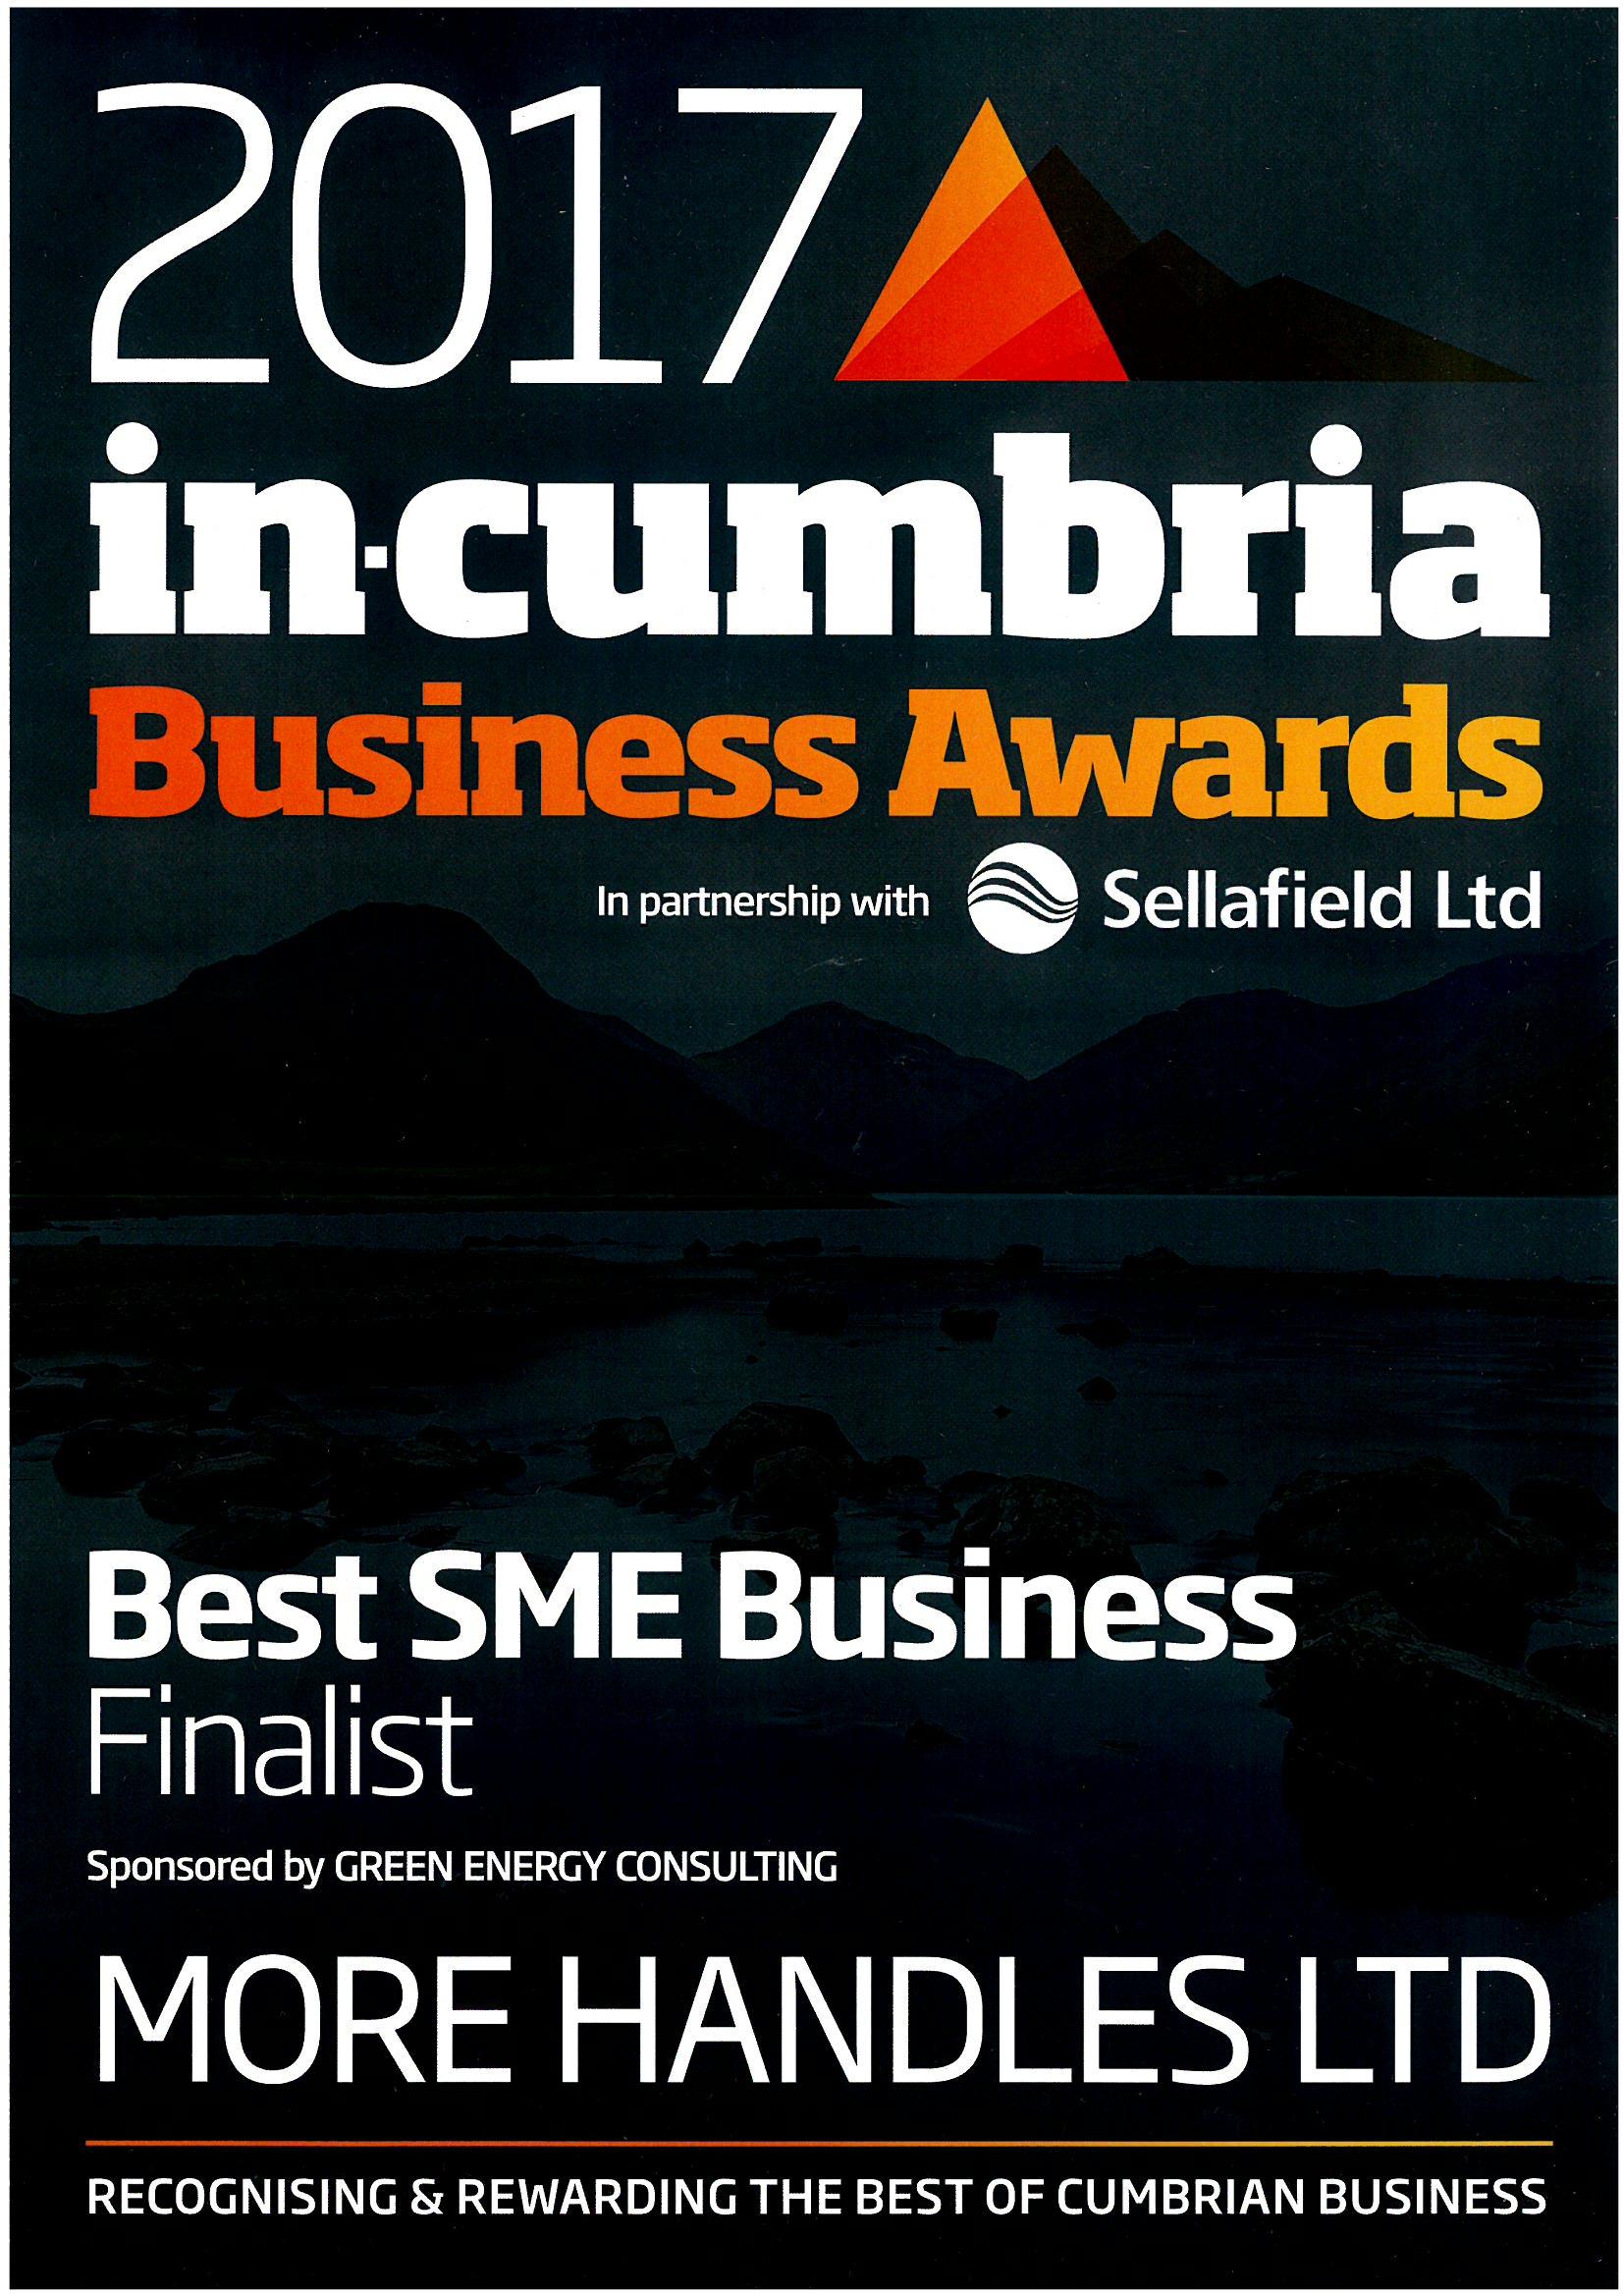 in cumbria best SME business award finalist